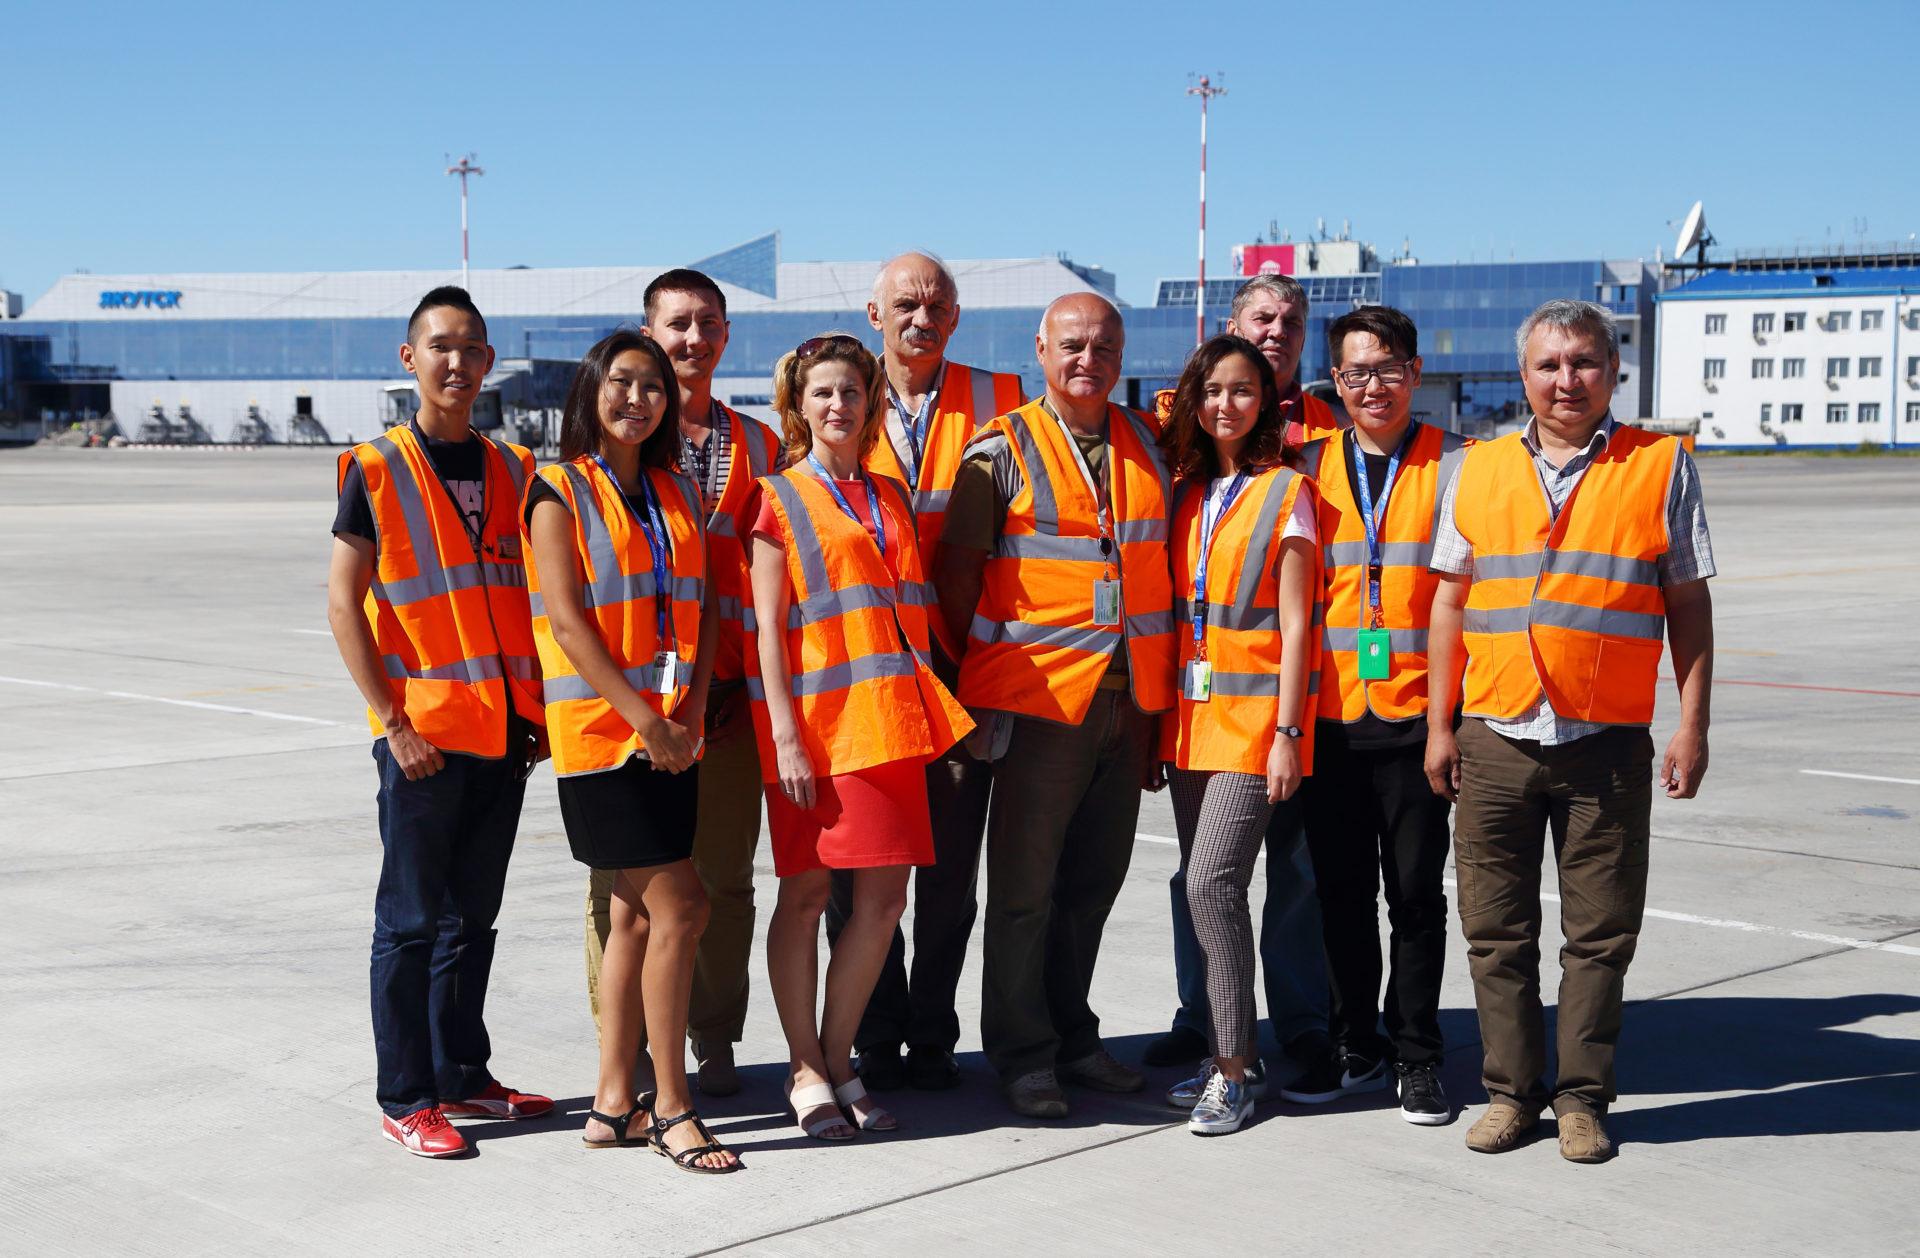 Аэропорт «Якутск» поздравляет начальника аэродромной службы с юбилеем